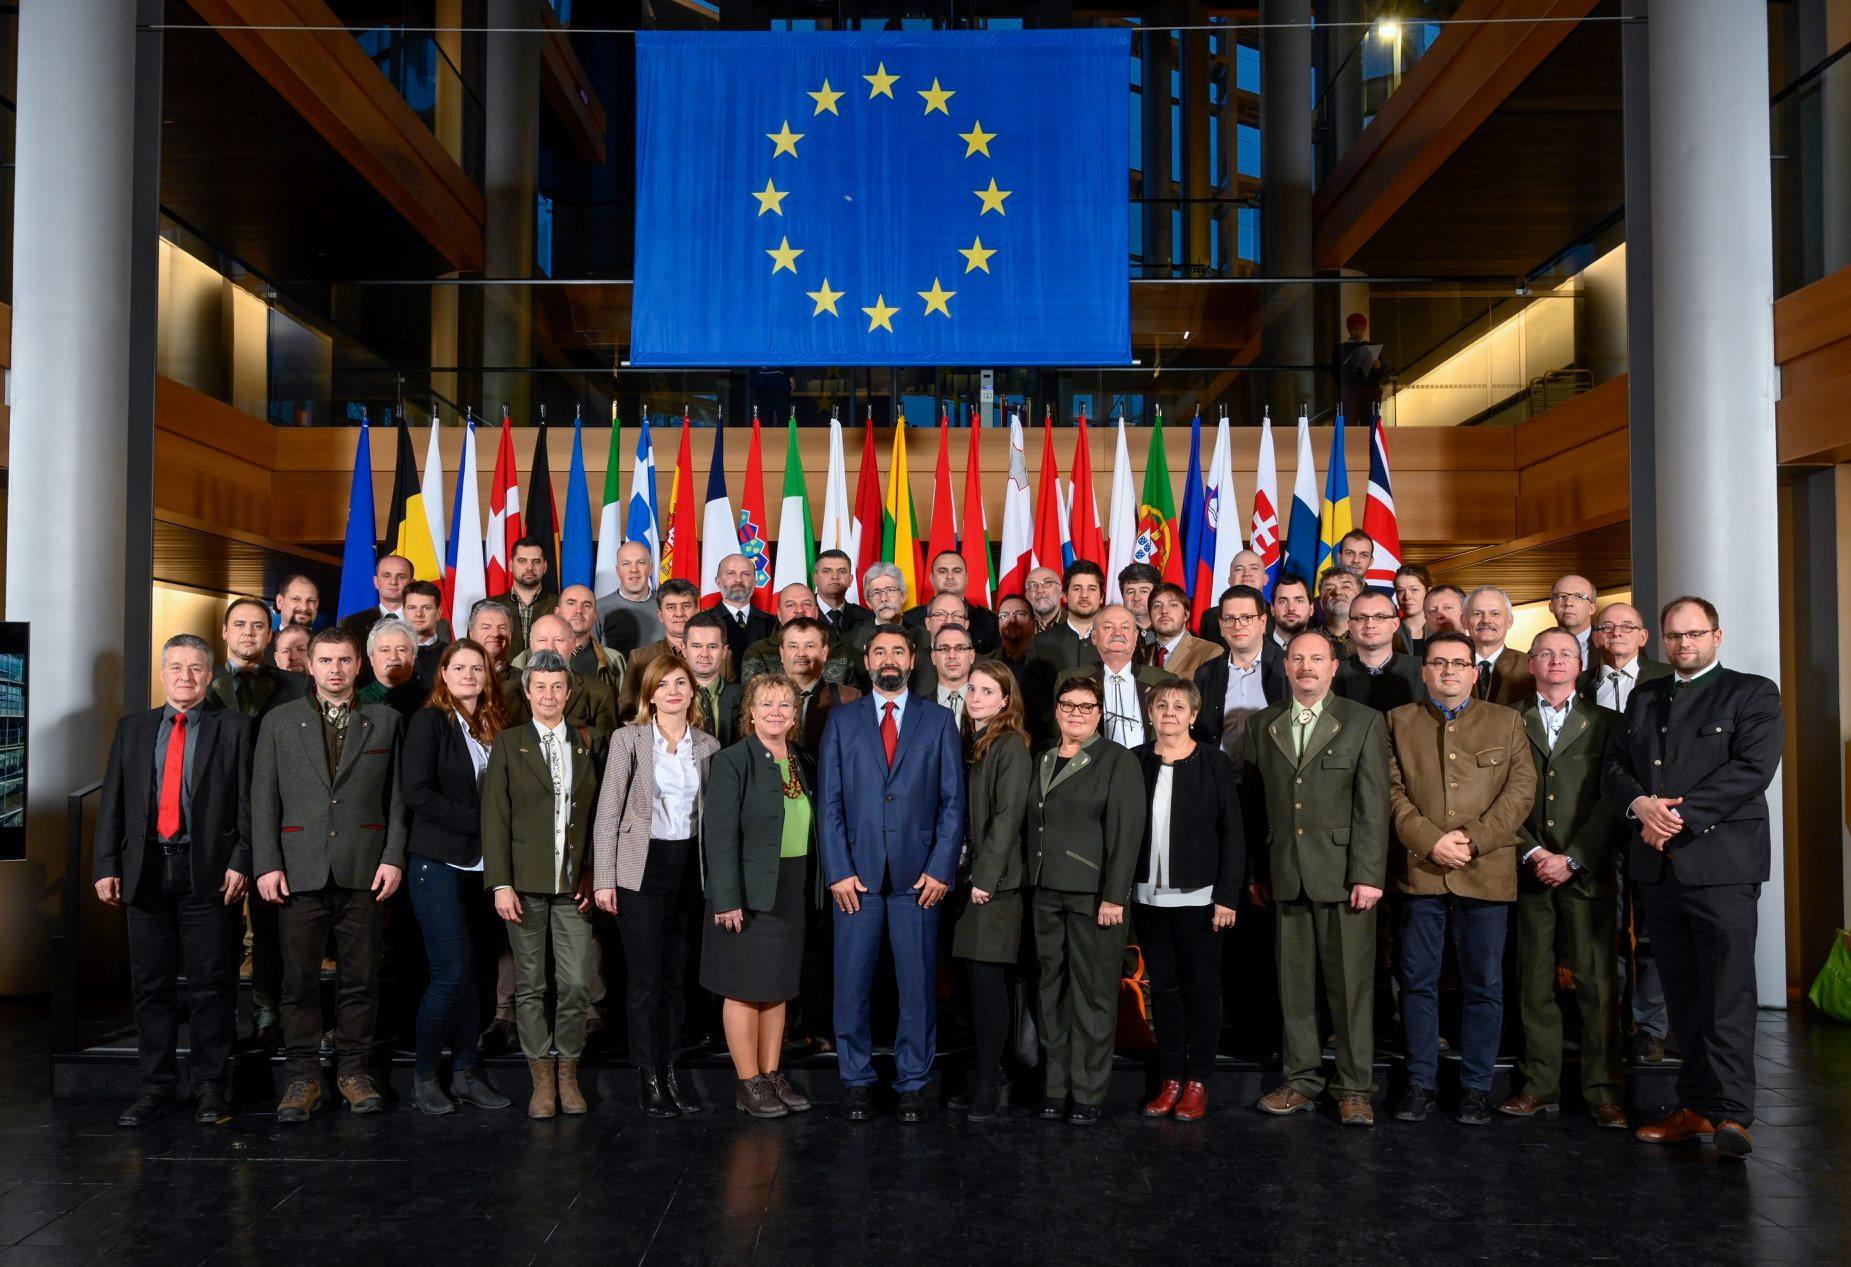 Kárpát-medencei magyar erdész küldöttség járt az Európai Parlamentben